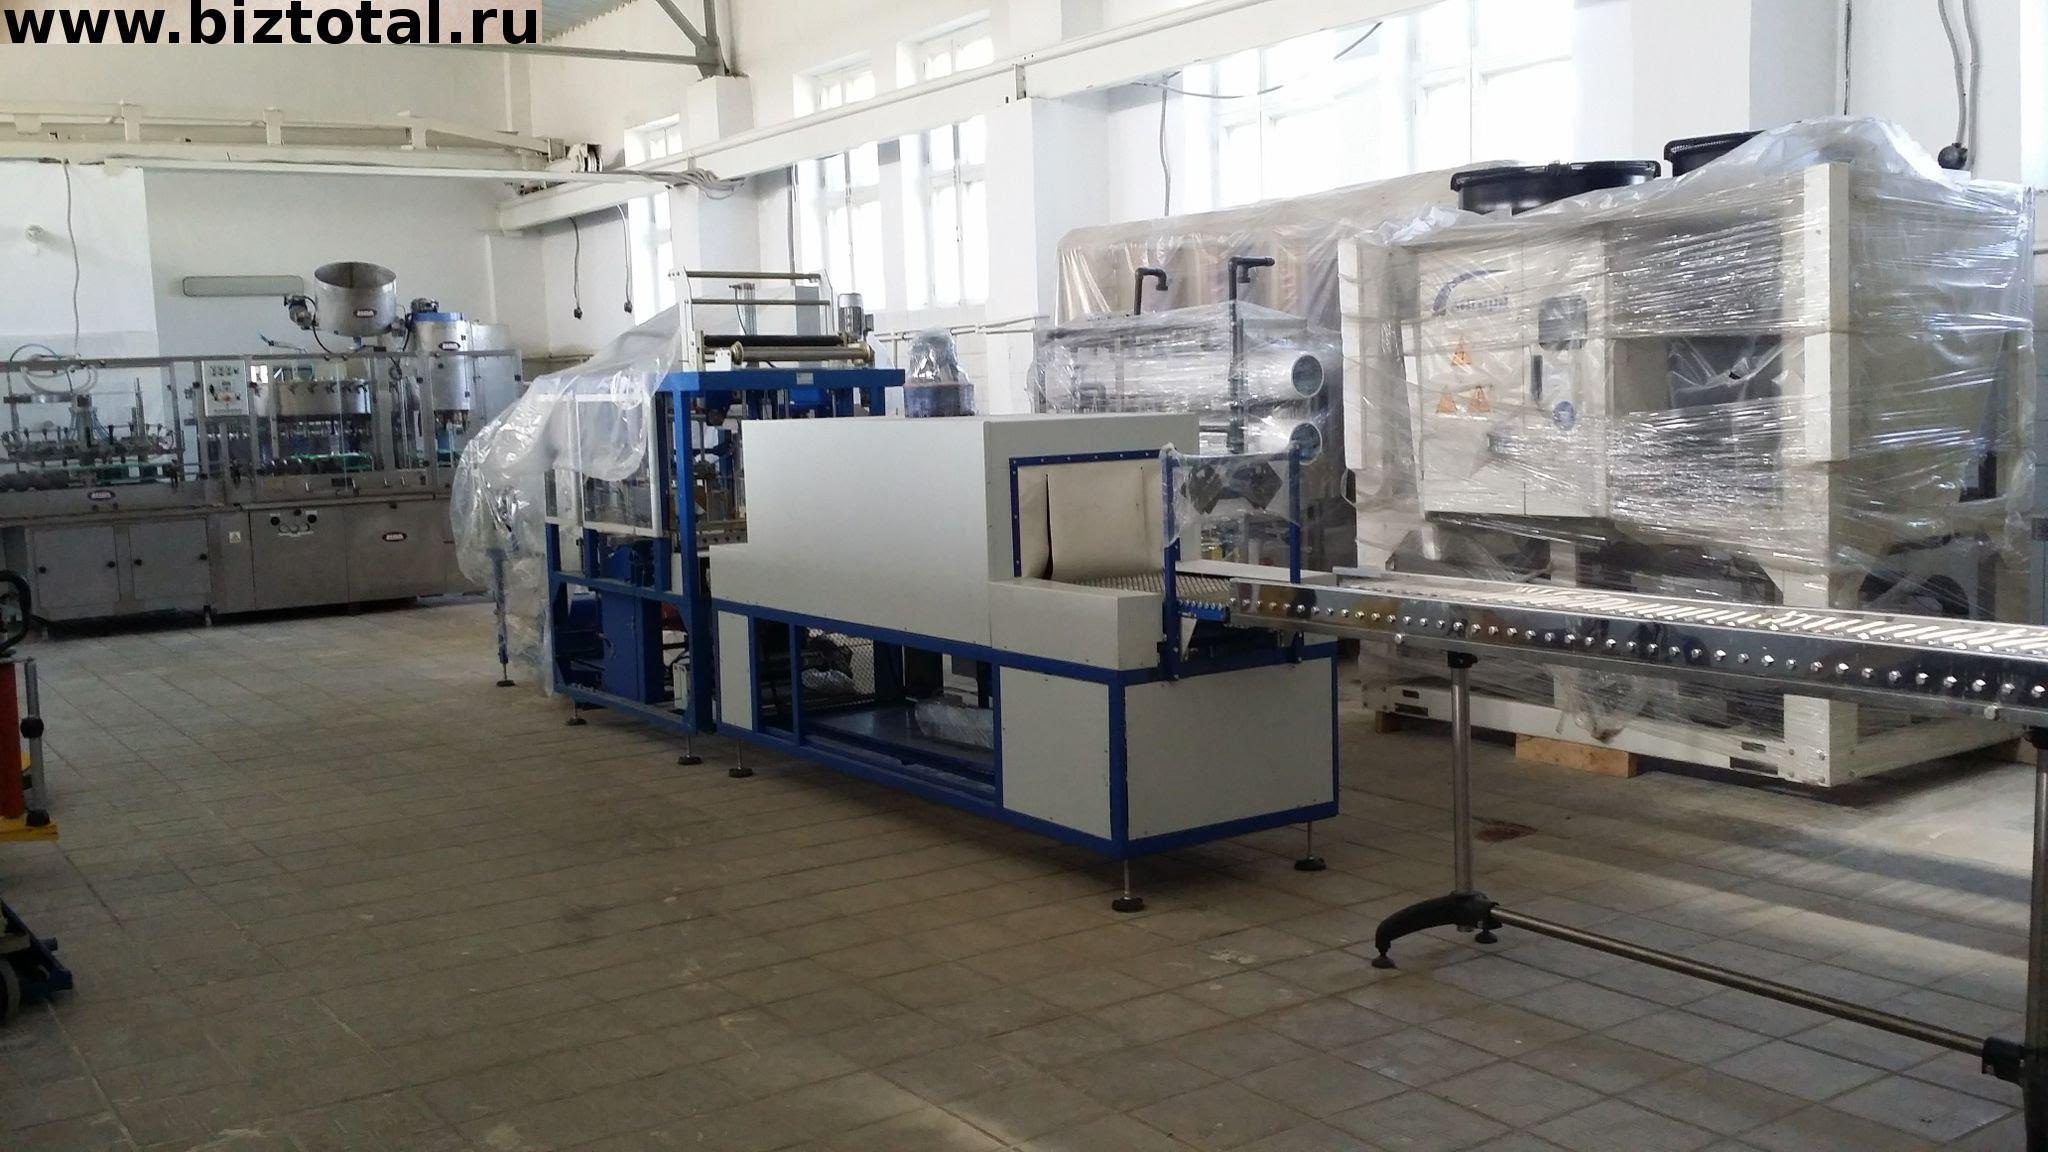 Завод по розливу минеральной воды и газированных напитков